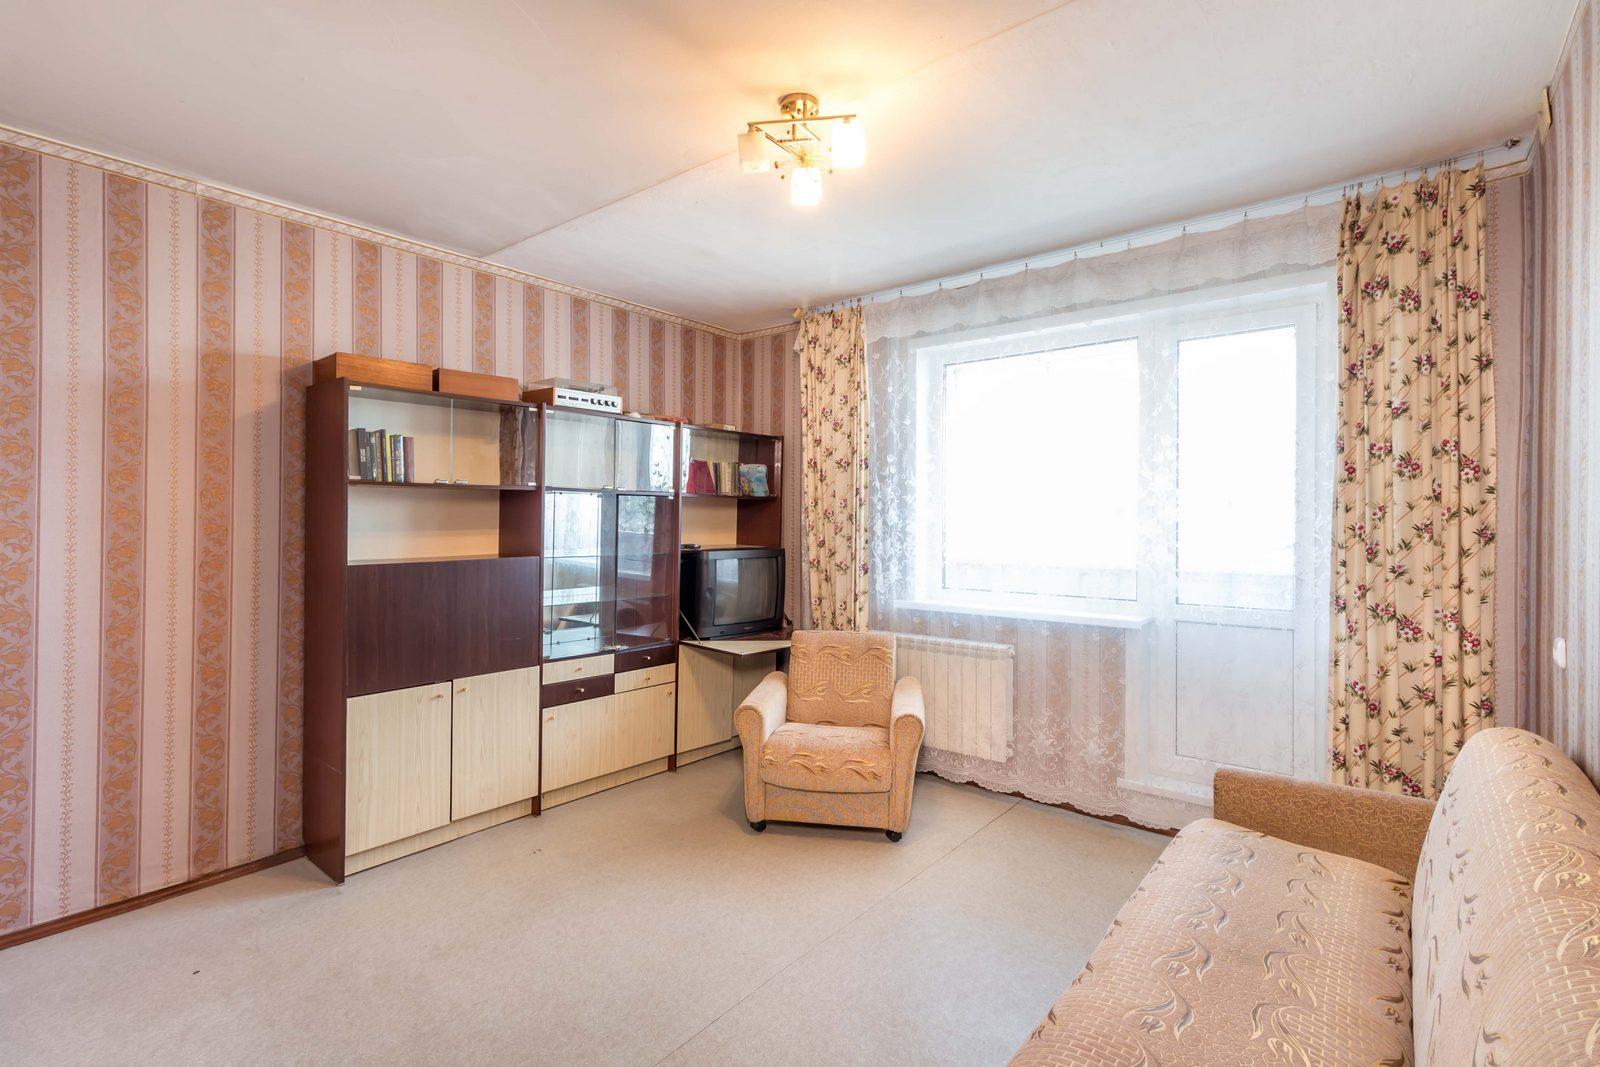 Продажа двухкомнатной квартиры, Минск, Голубева ул., 1 - фото 6